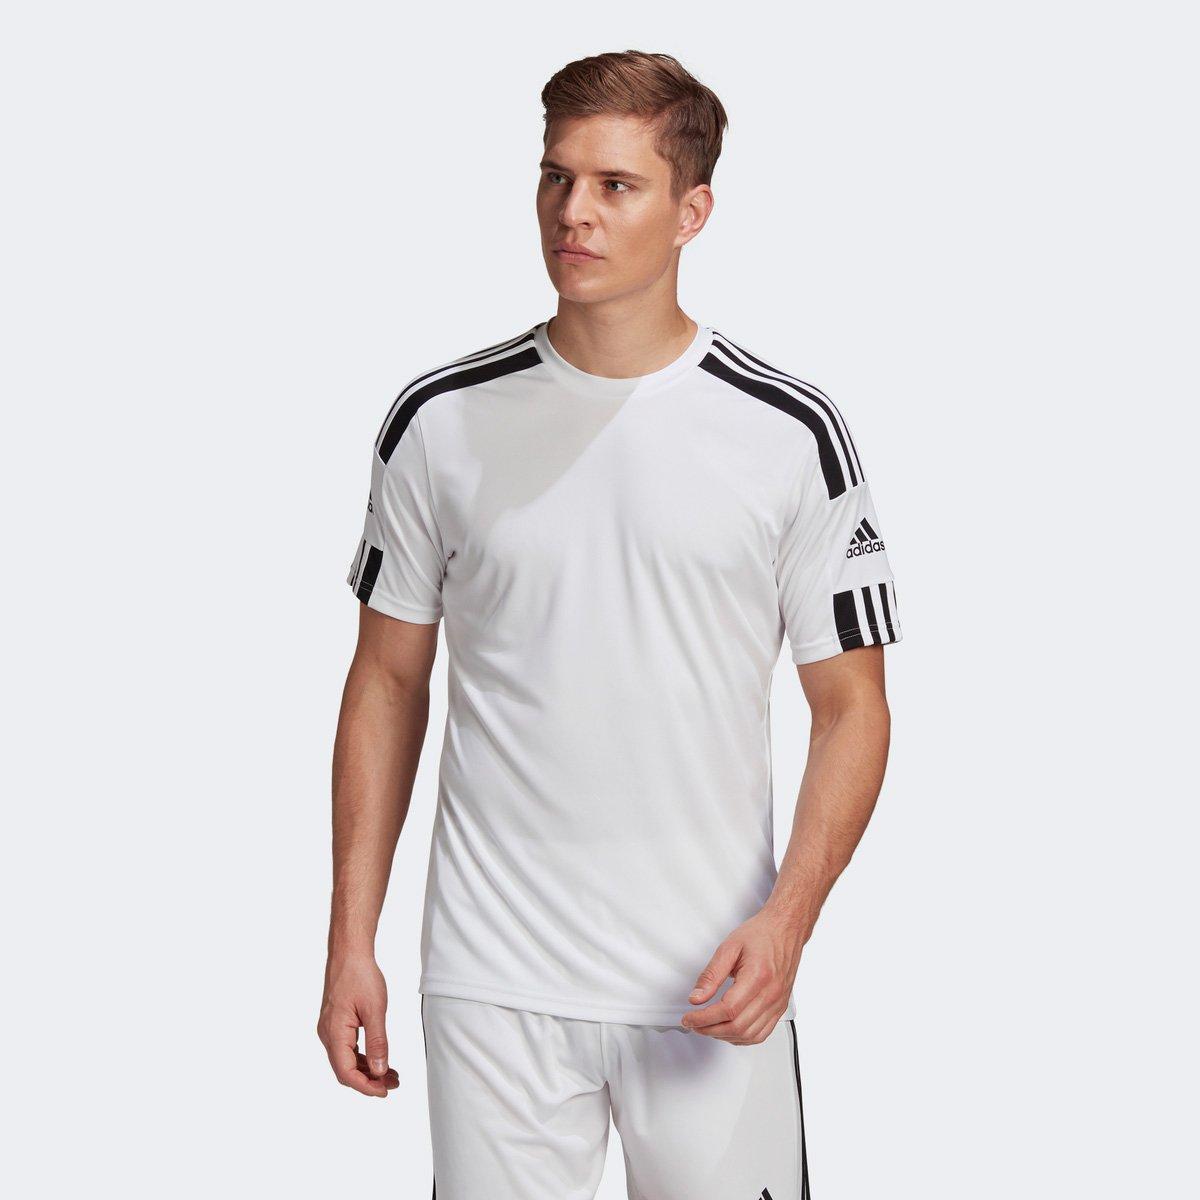 Adidas - Artigos Esportivos Masculinos | Iicf